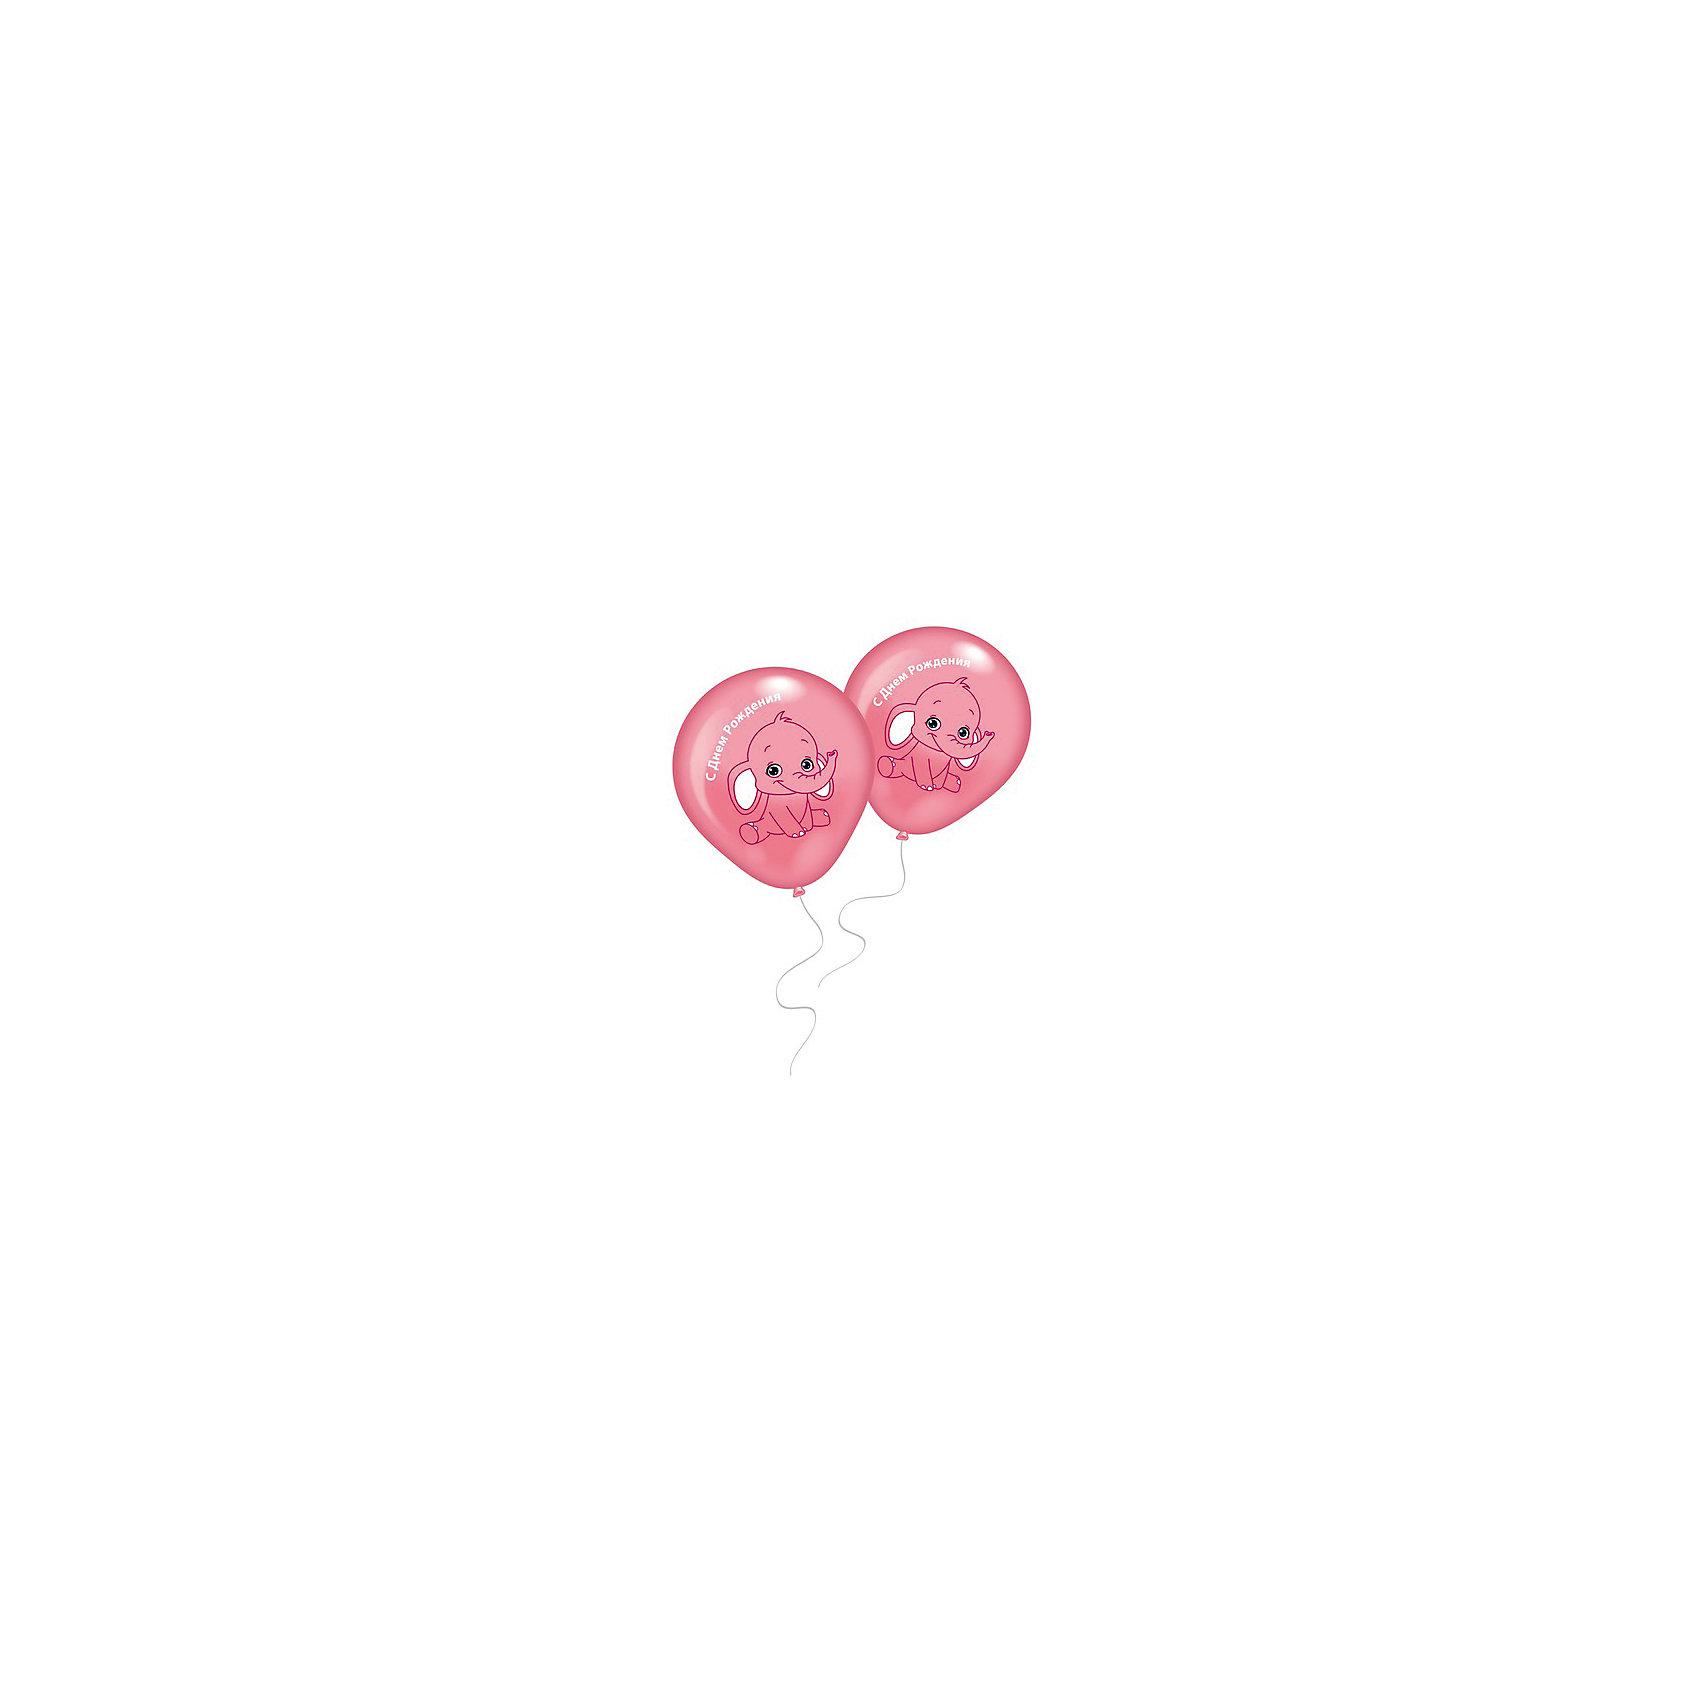 8 шариков с рисунком Розовый слоненокВоздушные шары<br>Характеристики товара:<br><br>• возраст: от 3 лет;<br>• упаковка: пакет;<br>• размер упаковки: 20х12х1 см.;<br>• количество шаров: 8 шт.;<br>• цвет: розовый;<br>• состав: латекс 100%;<br>• бренд, страна: Everts, Россия;<br>• страна-производитель: США.<br><br>Набор из 8 шаров с рисунком «Розовый слоненок» и надписью «С днем рождения» помогут ярко украсить комнату и подарят заряд радости и позитива всем гостям вашего торжества.<br><br>Насыщенный цвет, легкое надувание и высококачественные материалы выгодно отличают их среди других праздничных аксессуаров. Вы можете надувать шарики самостоятельно или воспользоваться насосом от Everts, который быстро справится с задачей. <br><br>8 шаров «Розовый слоненок»,  Everts (Эвертс)  можно купить в нашем интернет-магазине.<br><br>Ширина мм: 120<br>Глубина мм: 200<br>Высота мм: 10<br>Вес г: 10<br>Возраст от месяцев: 36<br>Возраст до месяцев: 120<br>Пол: Унисекс<br>Возраст: Детский<br>SKU: 6912885